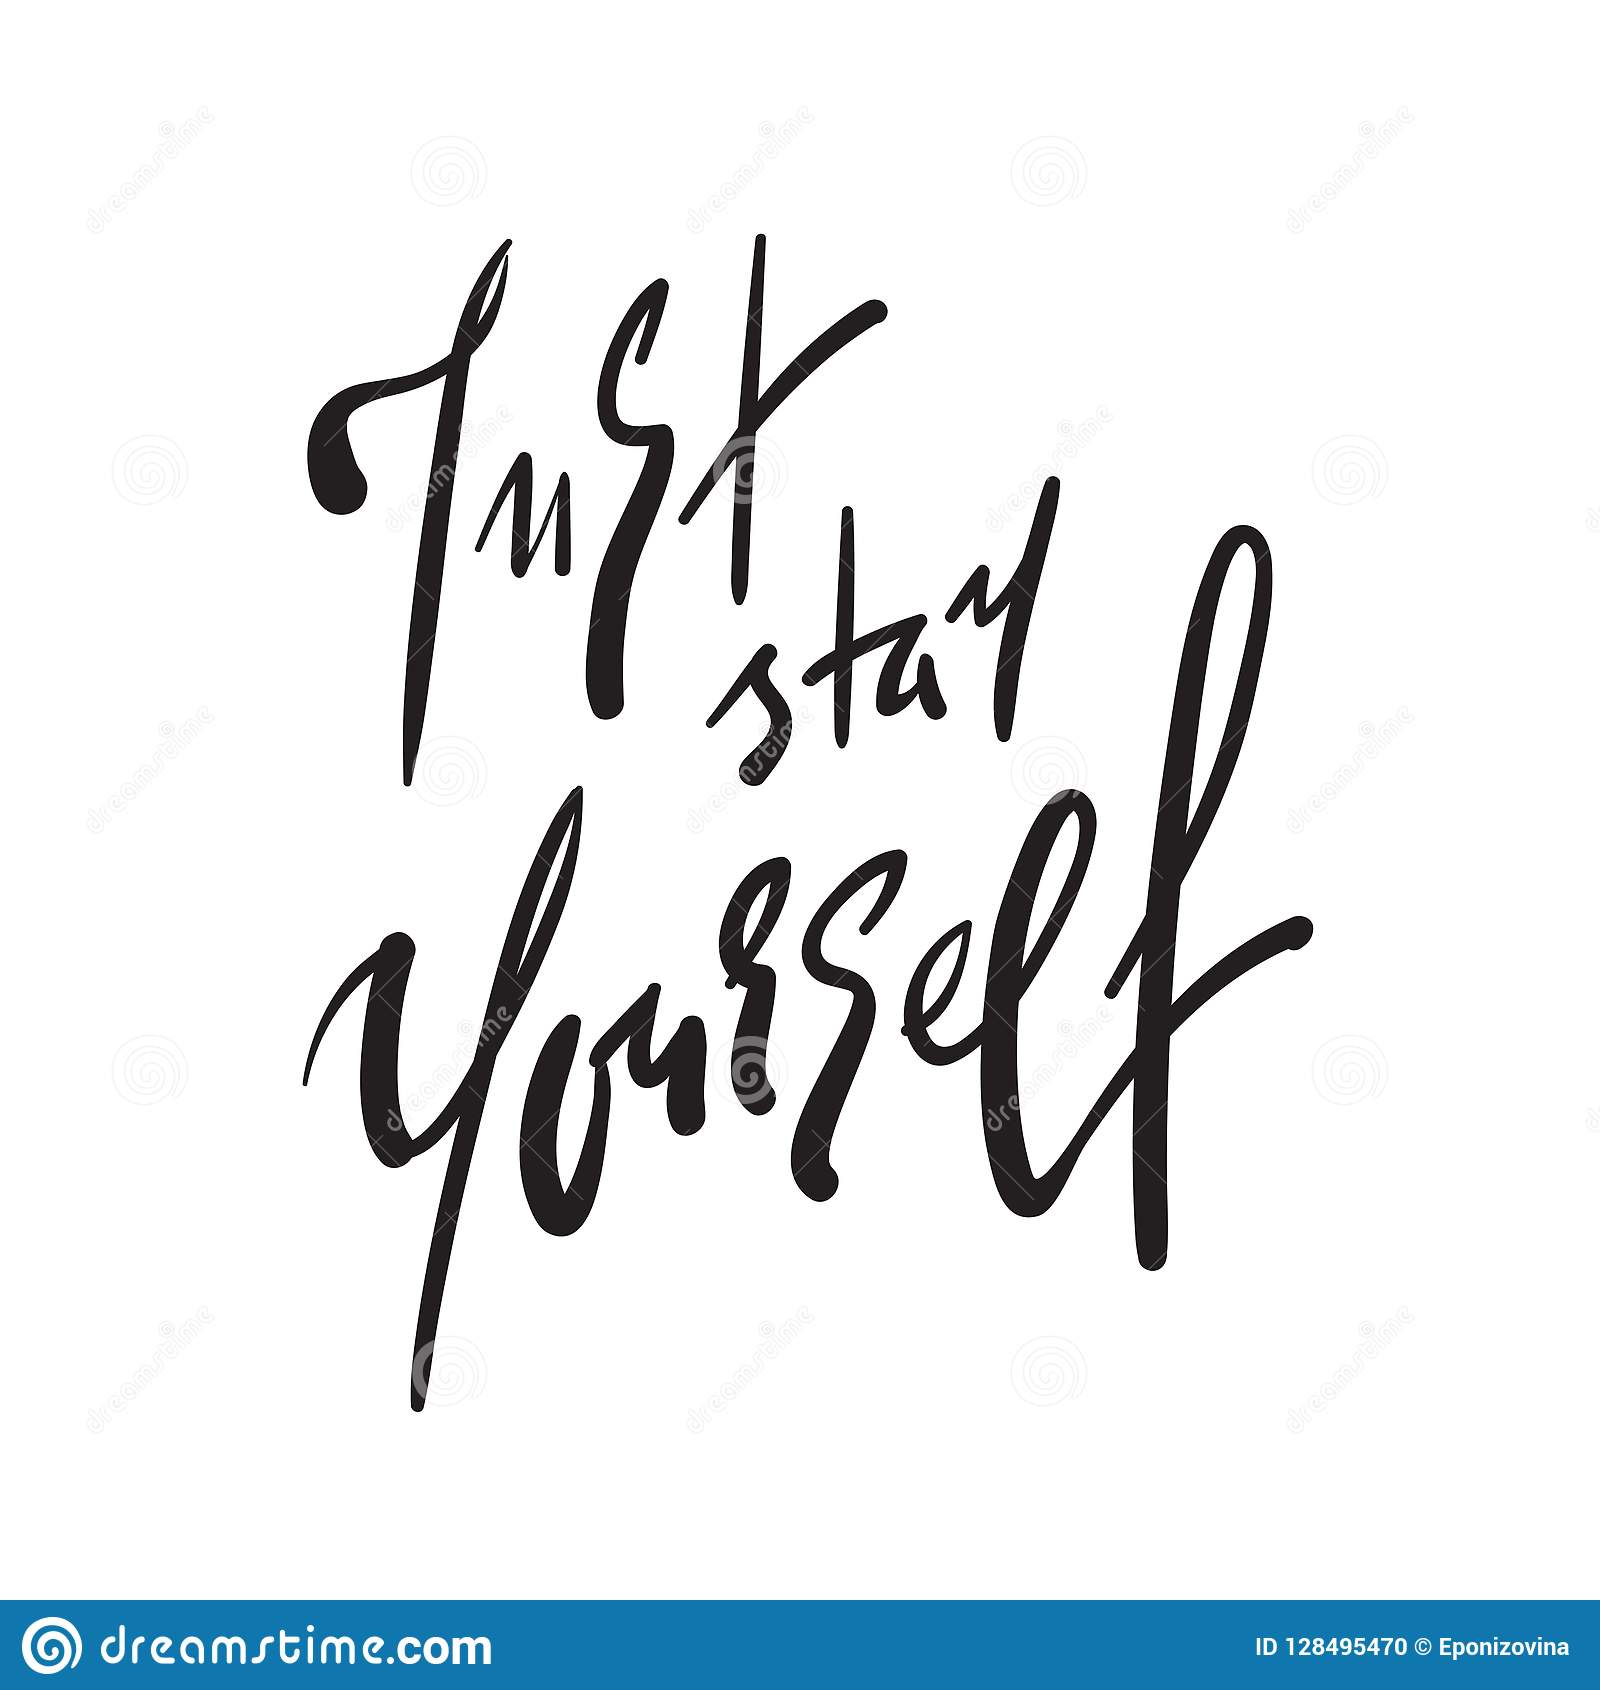 Appena soggiorno voi stessi - semplice ispiri e citazione motivazionale Bella iscrizione disegnata a mano Stampa per il manifesto